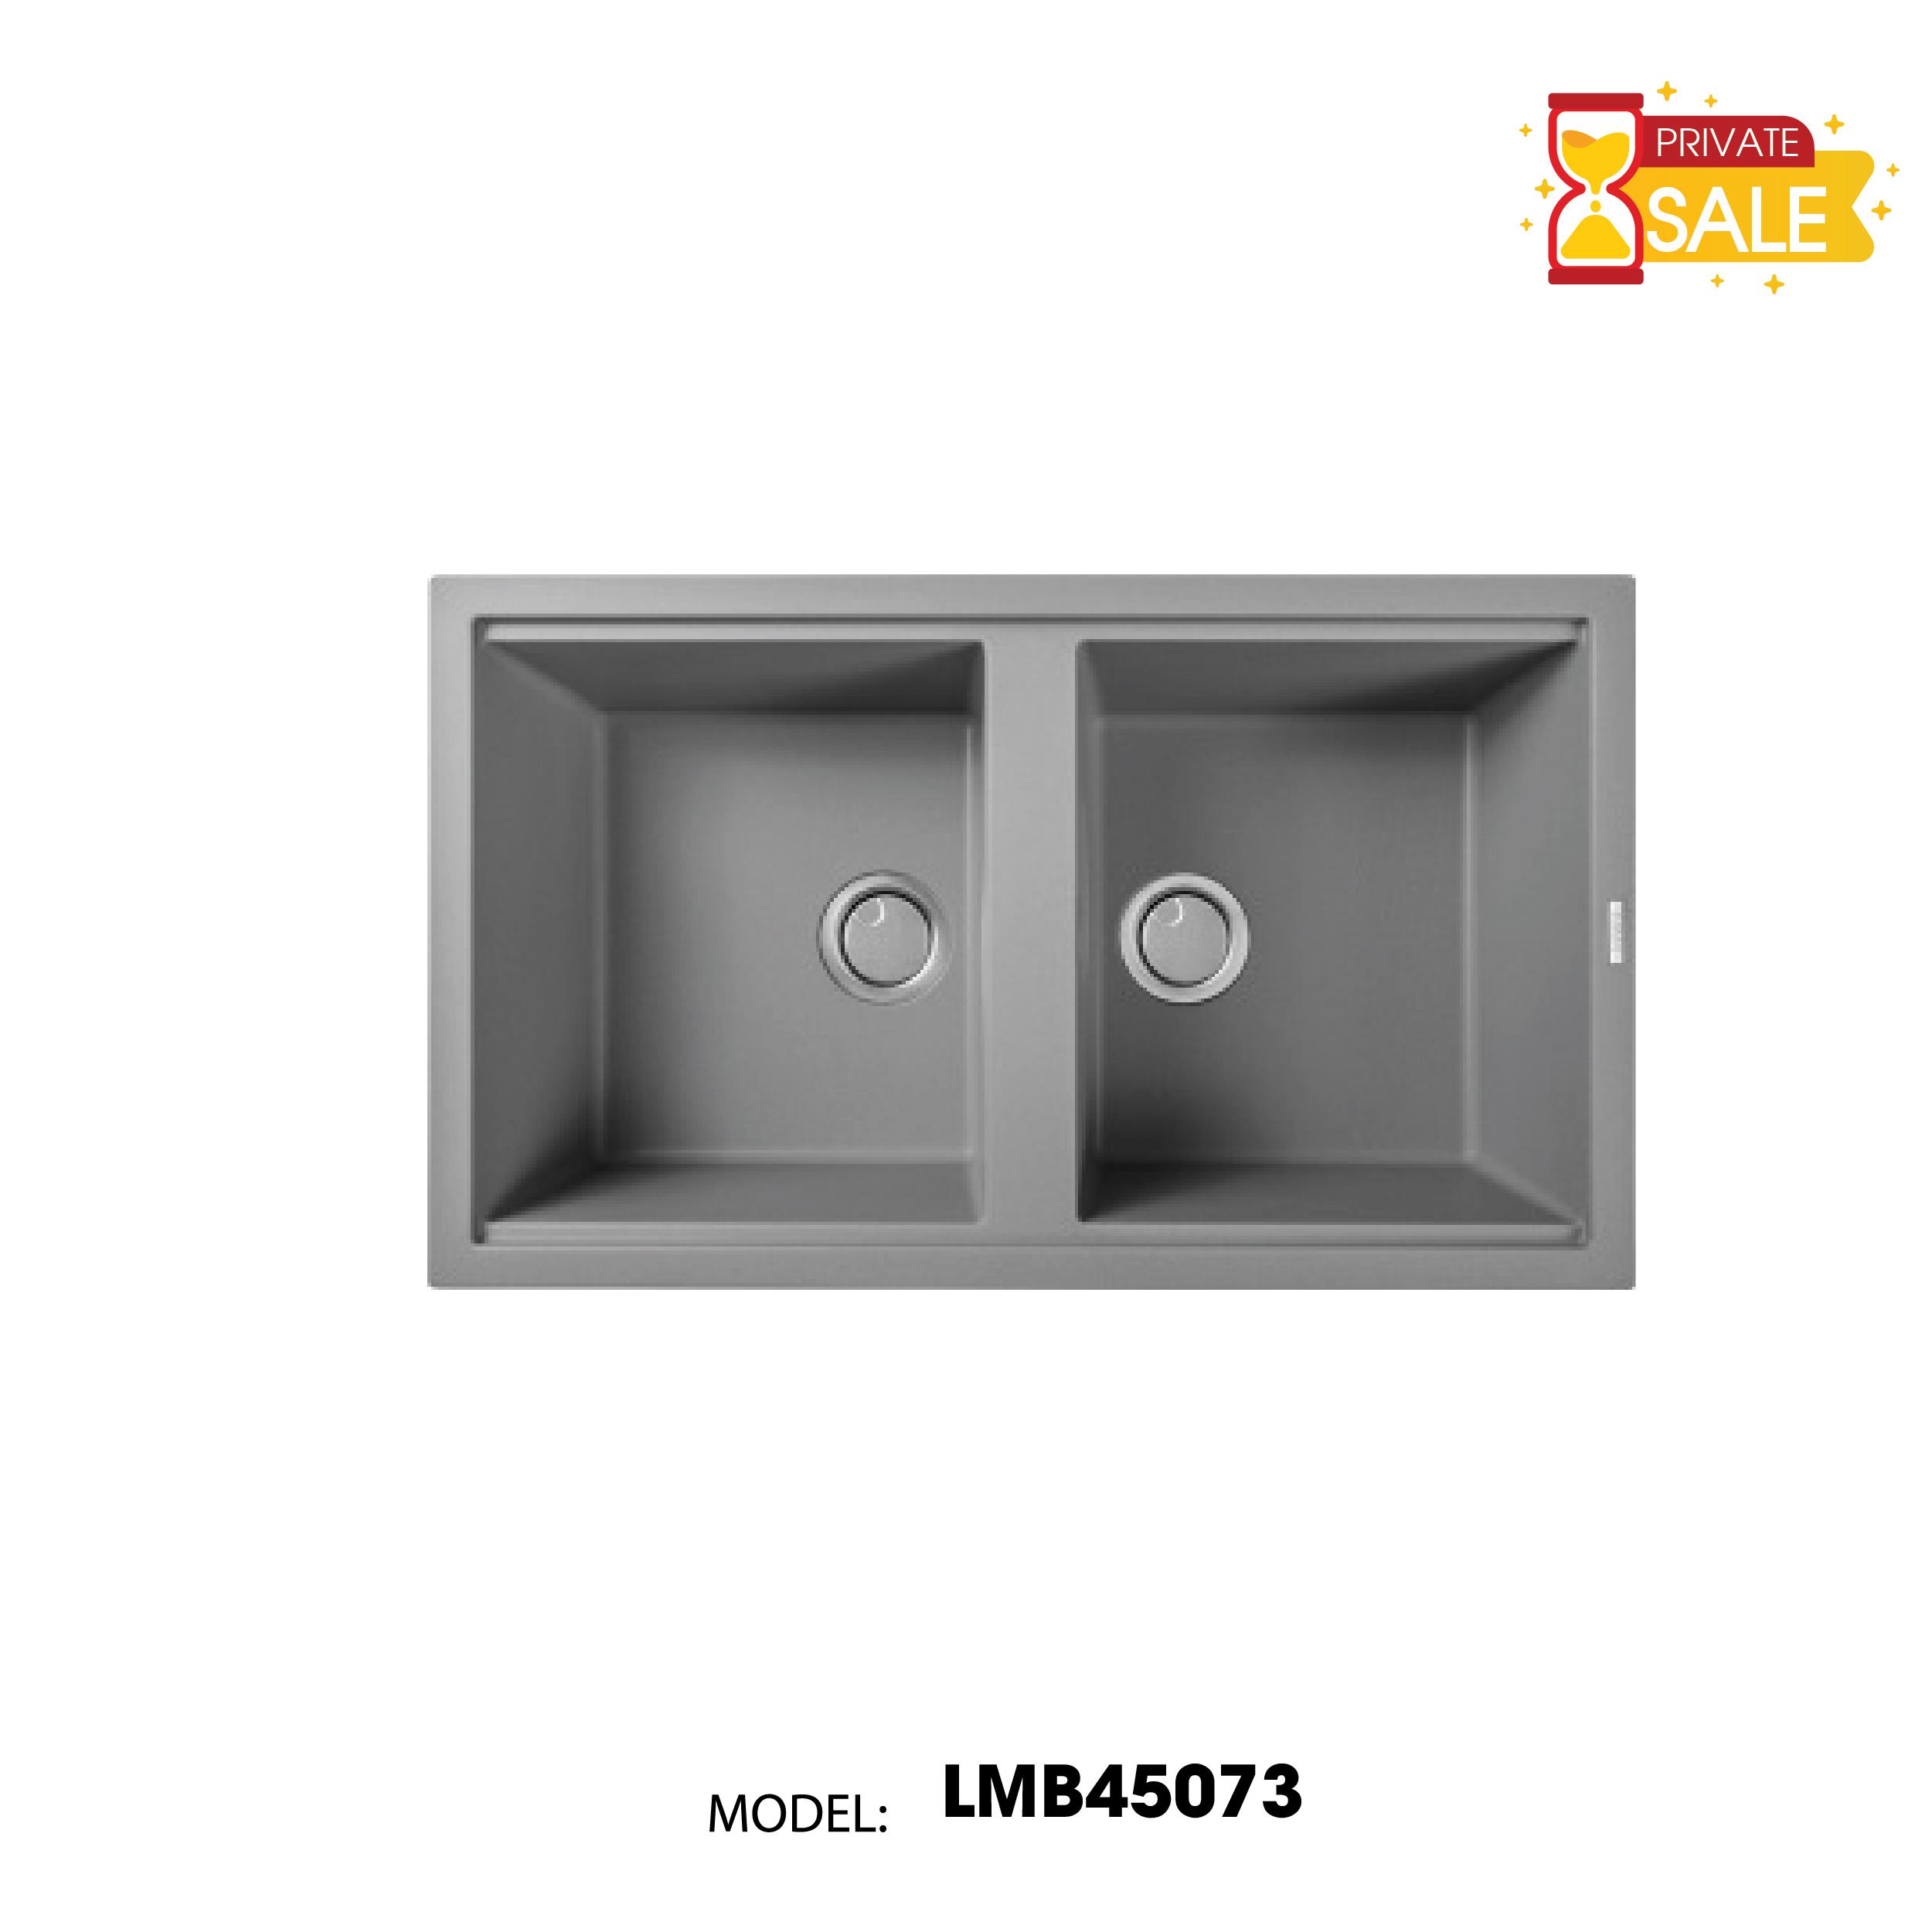 CHẬU ĐÁ TỰ NHIÊN ELLECI MODEL BEST 450 LMB45073